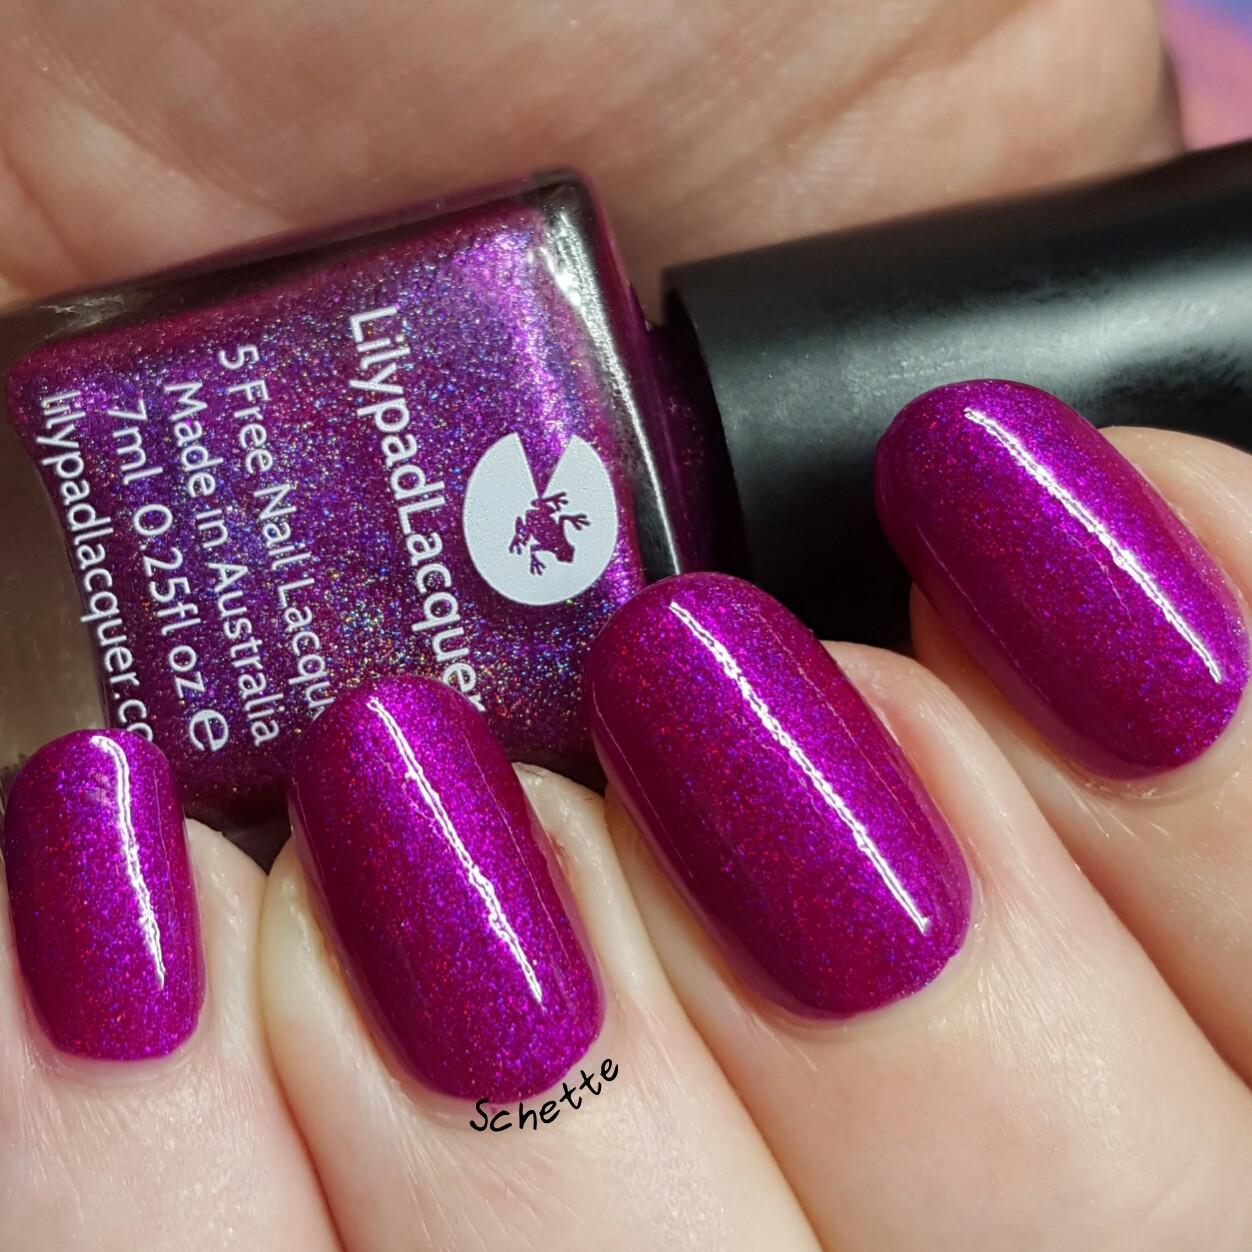 Lilypad Lacquer - Magnifique